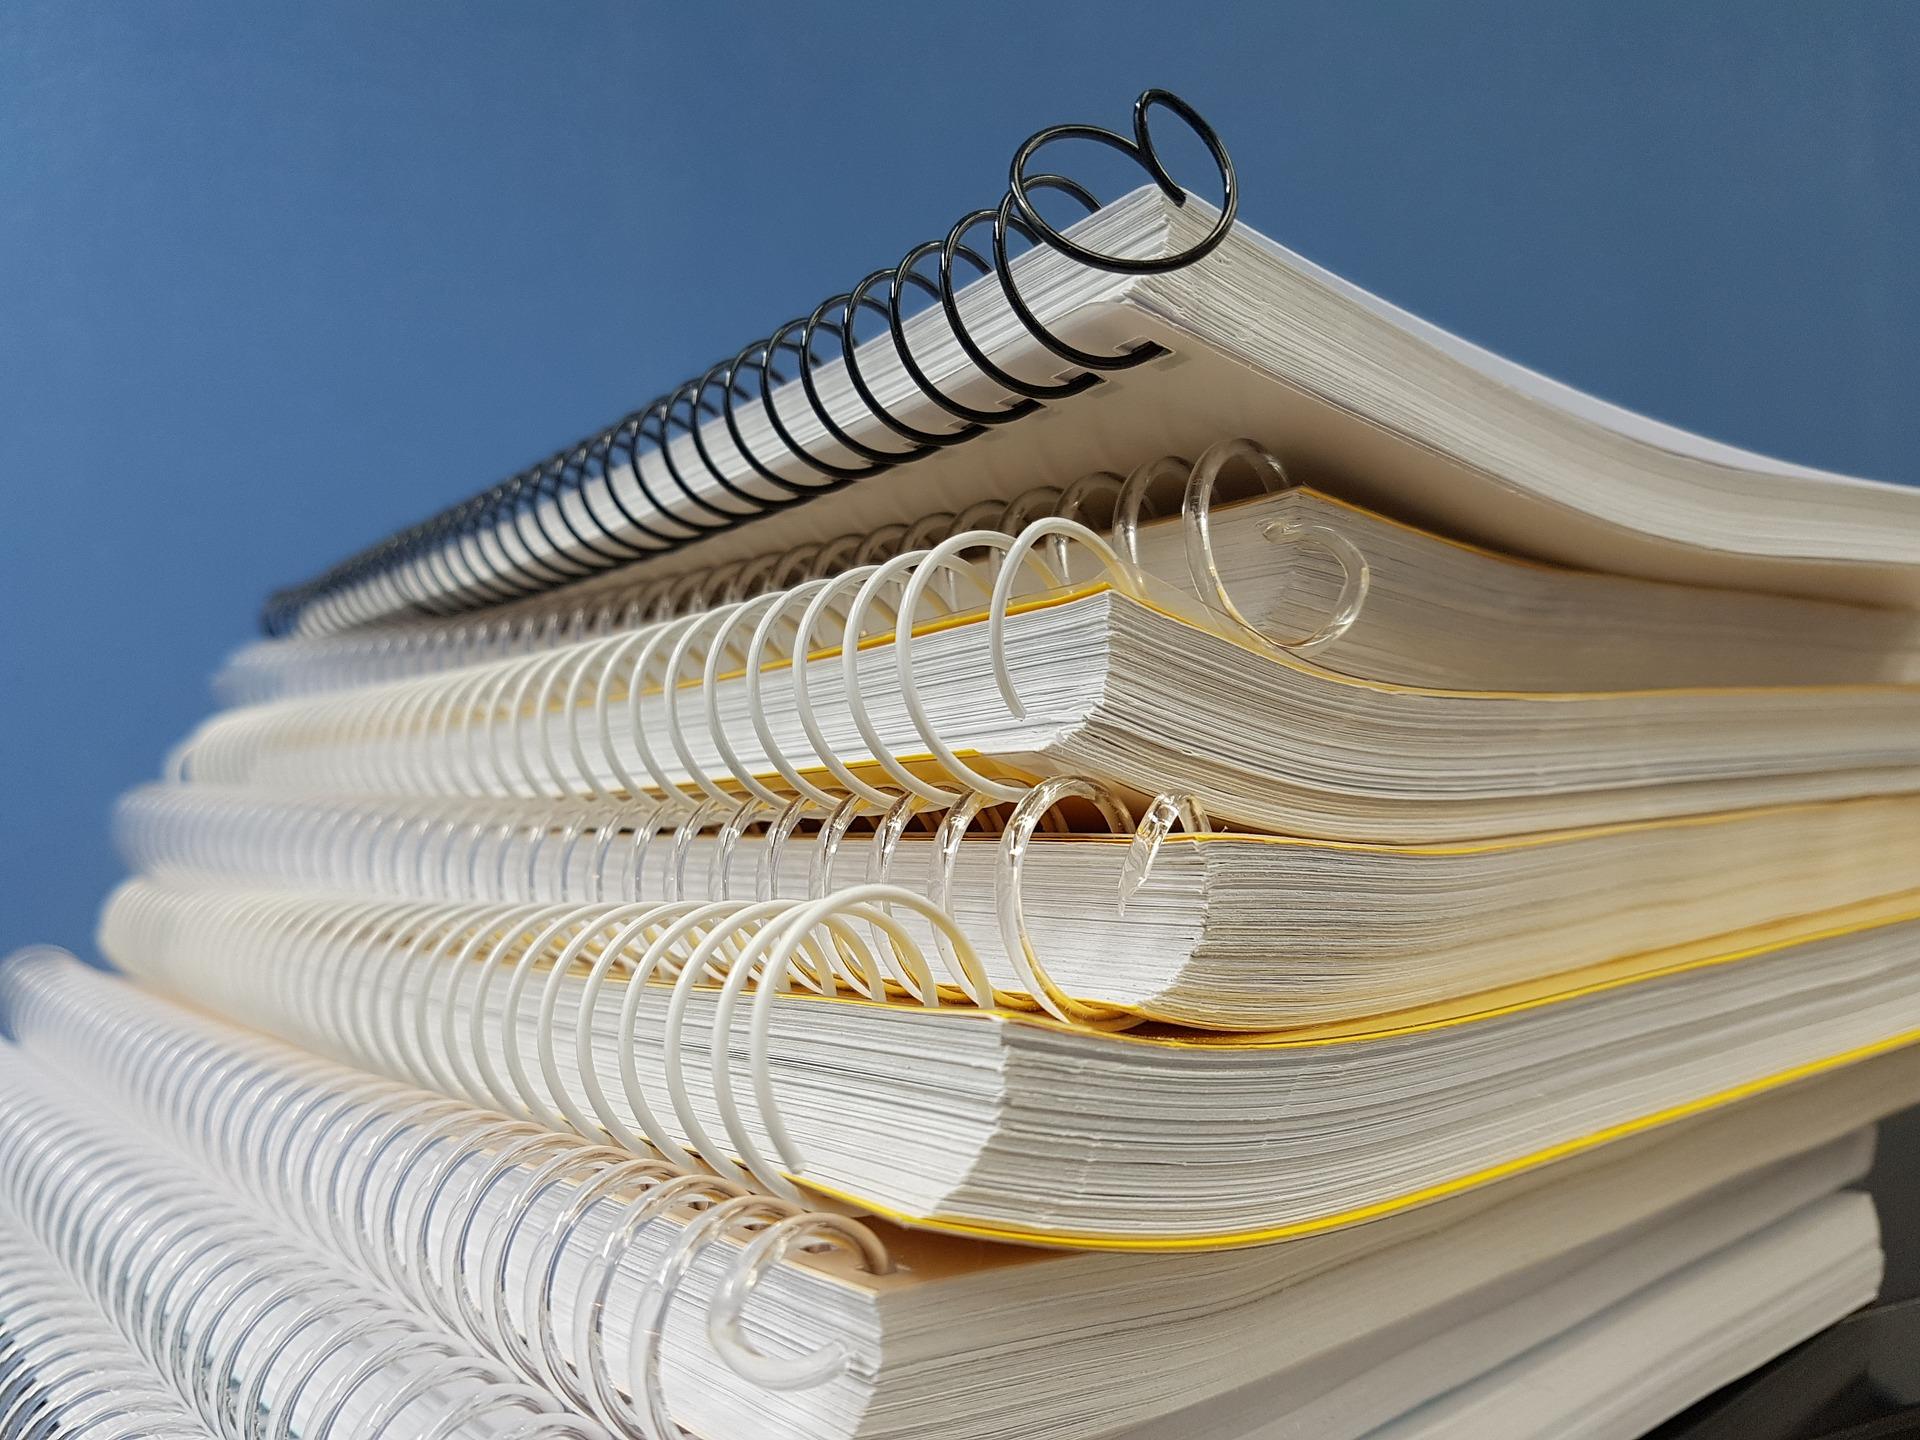 nauka - zeszyty i notatki